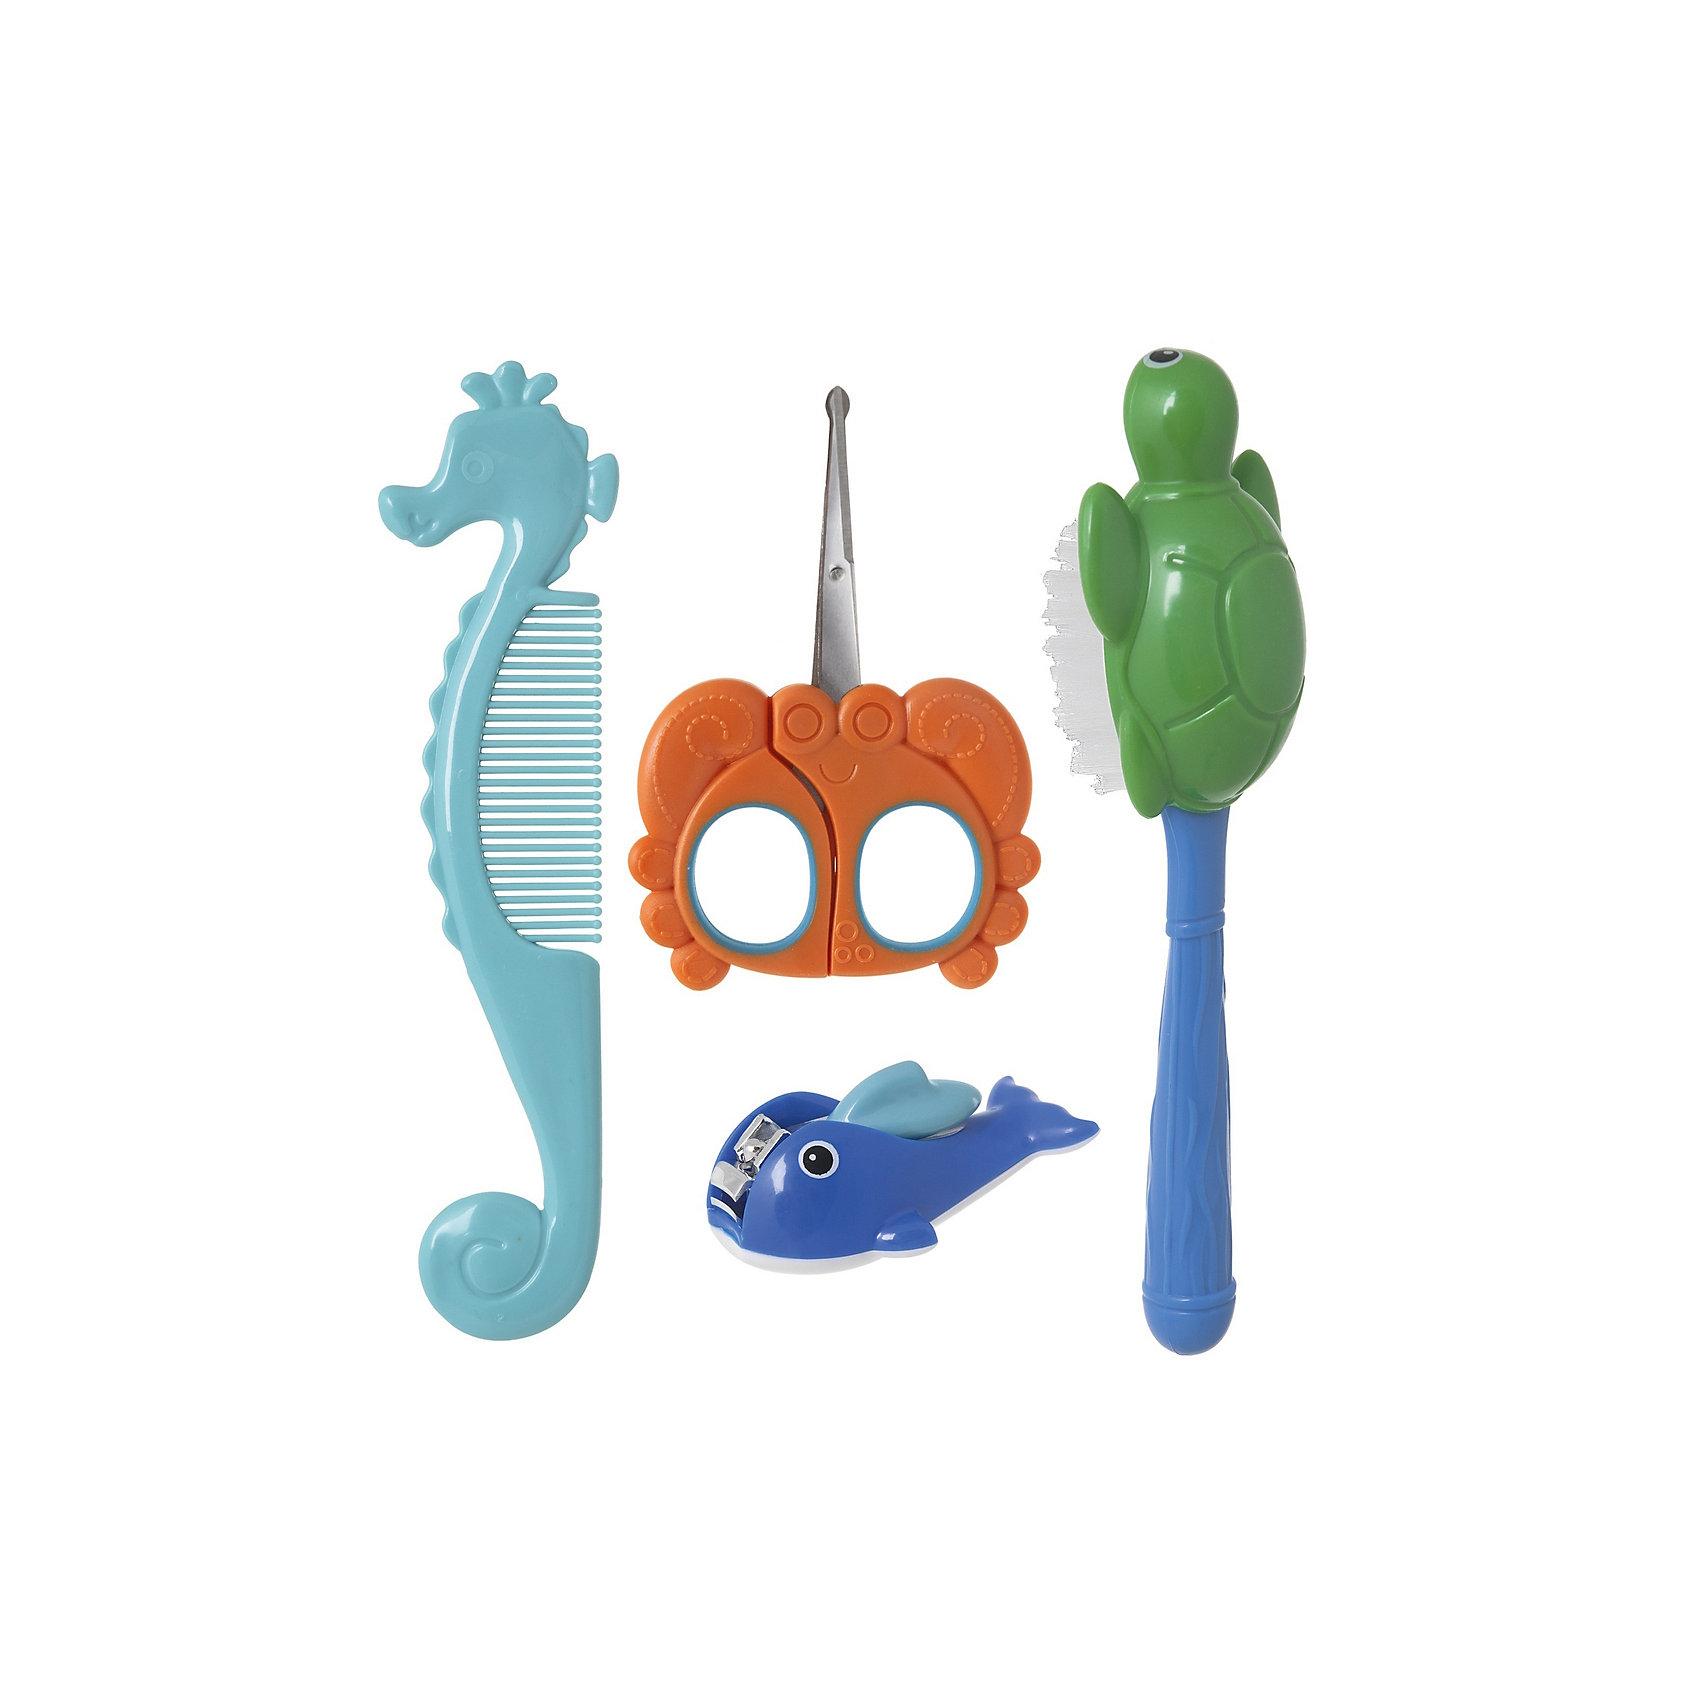 Набор детский «Большой океан», KurnosikiНабор детский «Большой океан», Kurnosiki – это функциональный и практичный набор необходимый для ухода за малышом с самого рождения.<br>Набор «Большой океан», Kurnosiki предназначен для гигиены и ухода за малышом с первых дней жизни. Элементы набора в виде обитателей океана облегчат уход за малышом и развлекут его время гигиенических процедур. Щетка в виде черепашки c мягкой щетиной создана специально для бережного ухода за волосами. Расческа в виде морского конька с закругленными для дополнительной безопасности зубчиками не поцарапает кожу, не вызывает неприятных ощущений при расчесывании. Безопасные ножнички в виде краба созданы специально для стрижки ногтей у маленьких детей. Удобные ручки и скругленные кончики сделают это занятие простым и приятным. Щипчики в виде кита, предназначенные для бережного ухода за ногтями малыша, помогут быстро и легко постричь мягкие детские ноготки. Щипчиками стричь легче - целиком захватив ноготок, вы быстро откусите лишнее. Для использования щипчиков поднимите ручку-рычаг вертикально вверх, поверните на 180° и опустите. Щипчики готовы к работе.<br><br>Дополнительная информация:<br><br>- В наборе: расческа, щетка безопасные ножнички, щипчики для ногтей<br>- Материал: пластик, нейлон, нержавеющая сталь<br>- Длина расчески: 16 см.<br>- Длина ножниц: 10 см.<br>- Размер упаковки: 5х15х29 см.<br><br>Набор детский «Большой океан», Kurnosiki можно купить в нашем интернет-магазине.<br><br>Ширина мм: 50<br>Глубина мм: 150<br>Высота мм: 290<br>Вес г: 145<br>Возраст от месяцев: 4<br>Возраст до месяцев: 36<br>Пол: Унисекс<br>Возраст: Детский<br>SKU: 4830277